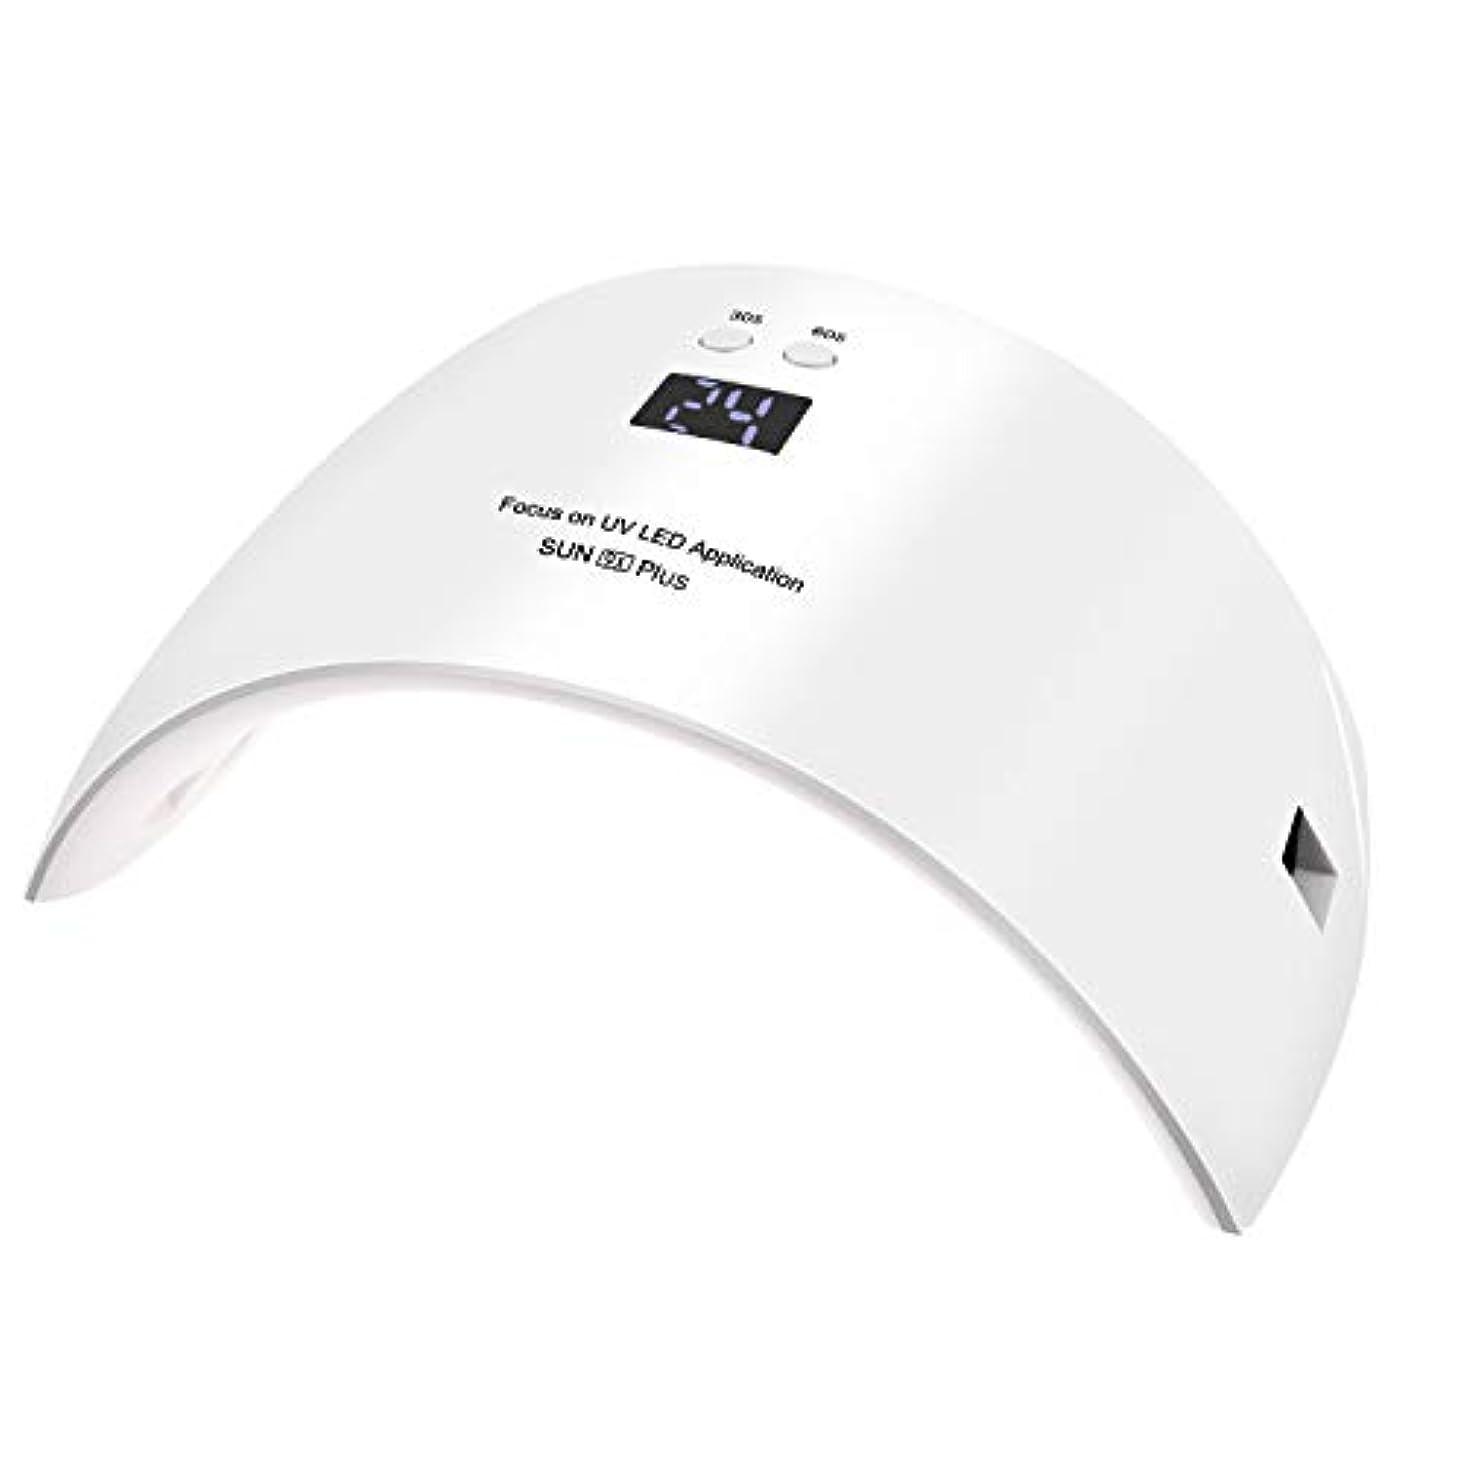 許容できる配送間接的Heshare LED ネイルドライヤー 36W uvライト レジン用 UV ネイルライト 硬化用 セルフネイル タイマー機能 自動センサー機能 USB式 日本語説明書付き (36w)